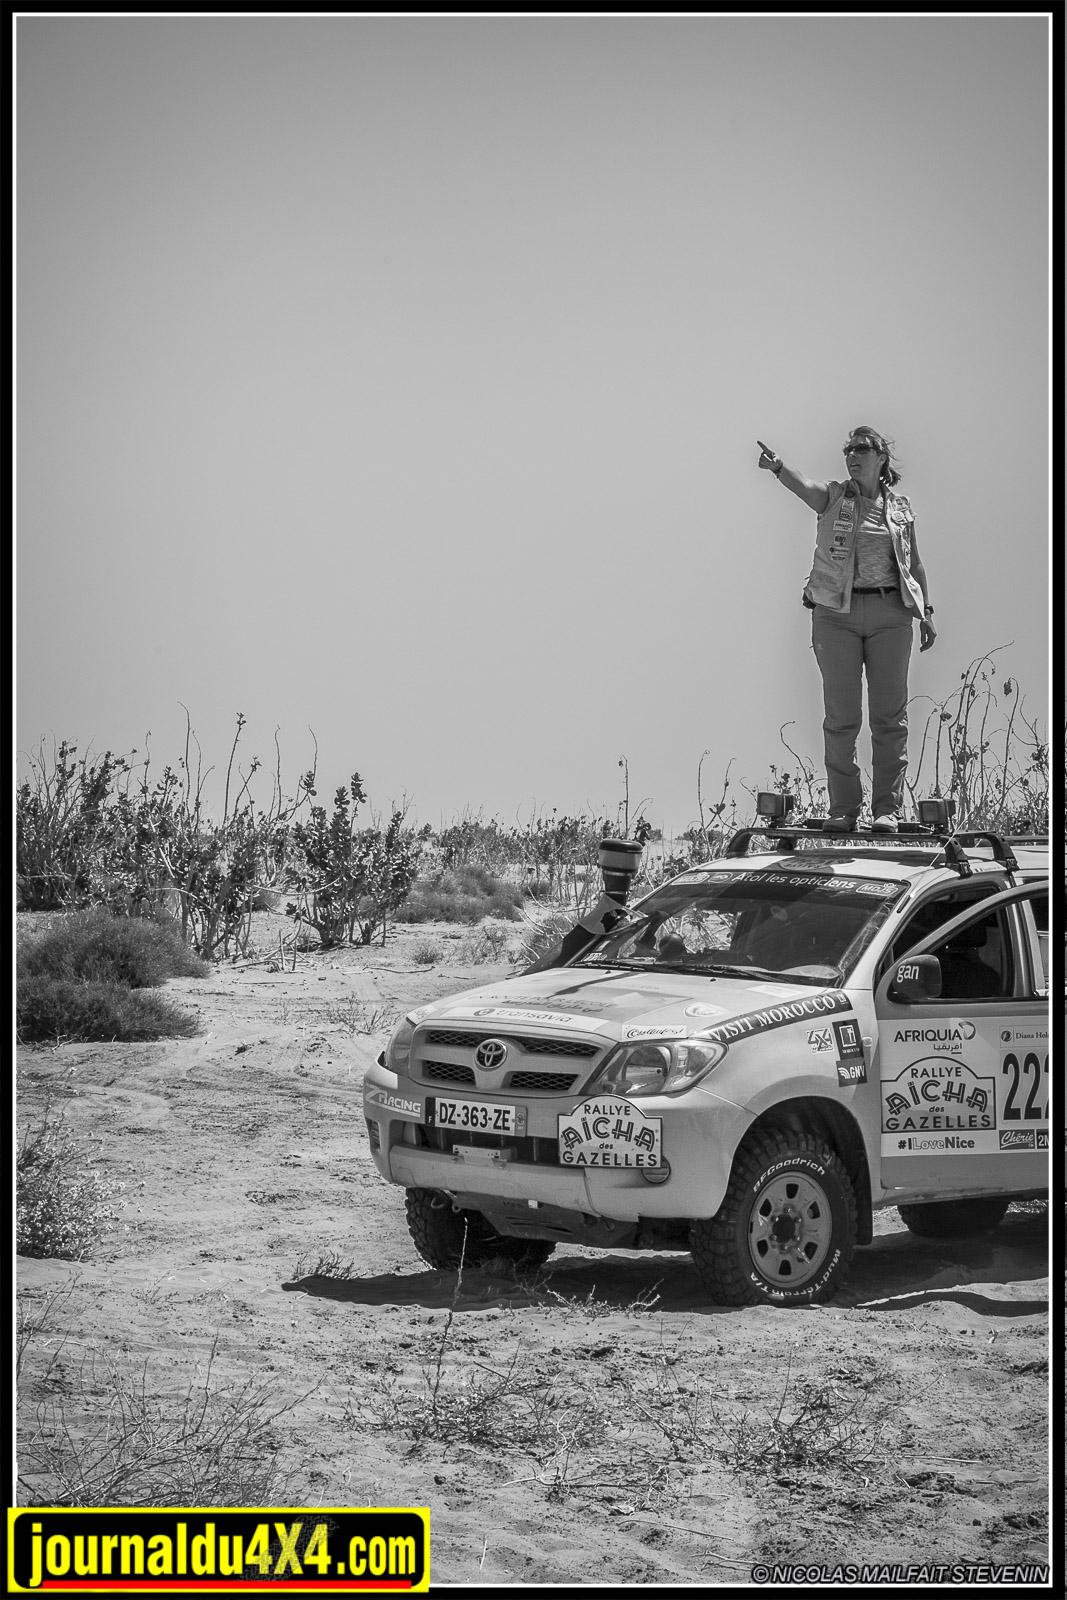 rallye-aicha-gazelles-maroc-2017-7783.jpg